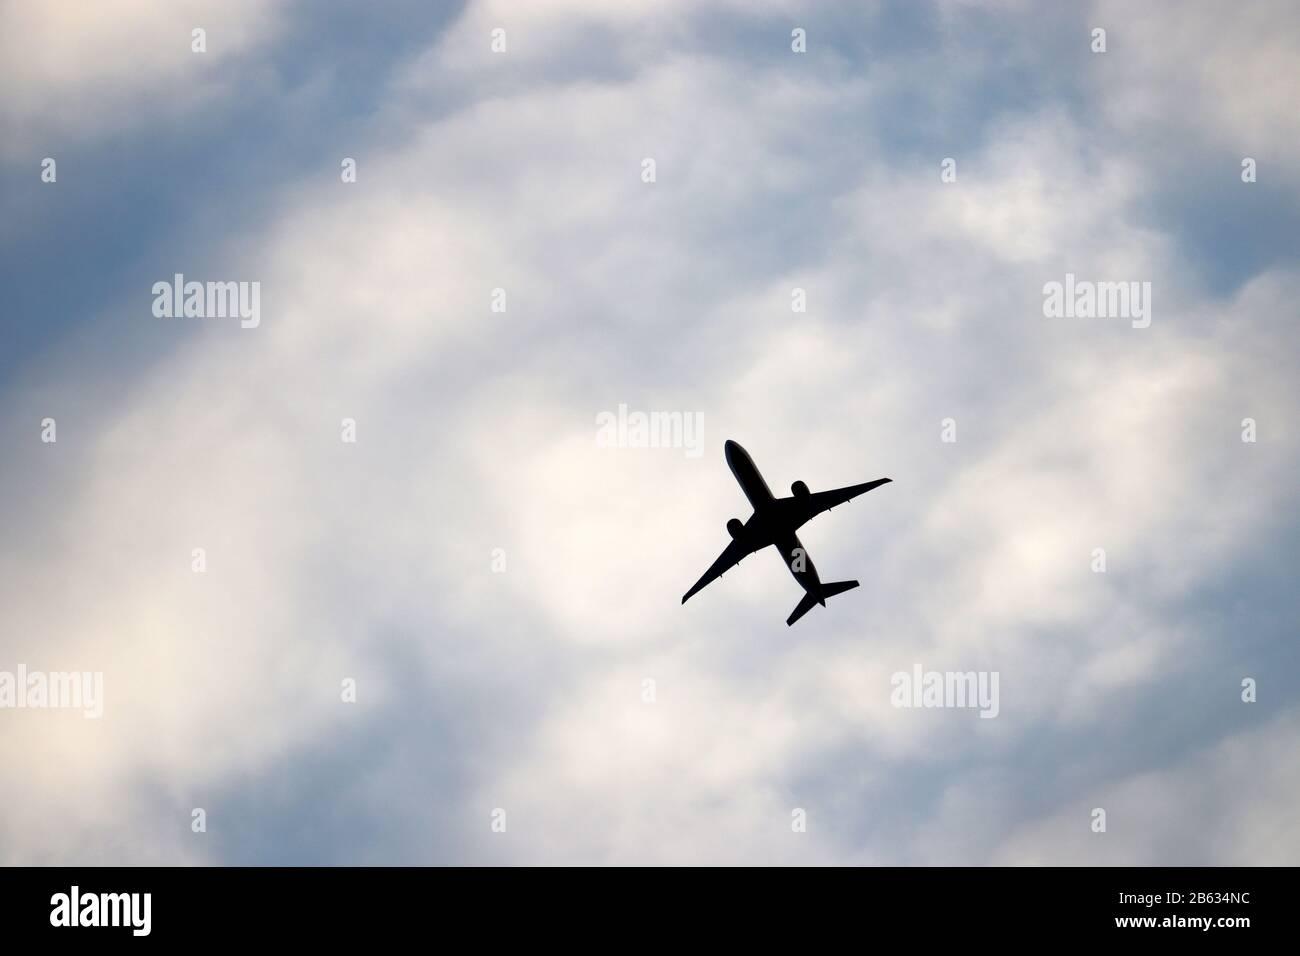 Aereo volare nel cielo blu su sfondo di nuvole bianche. Silhouette di un aereo commerciale durante la salita, viaggio e turbolenza concetto Foto Stock